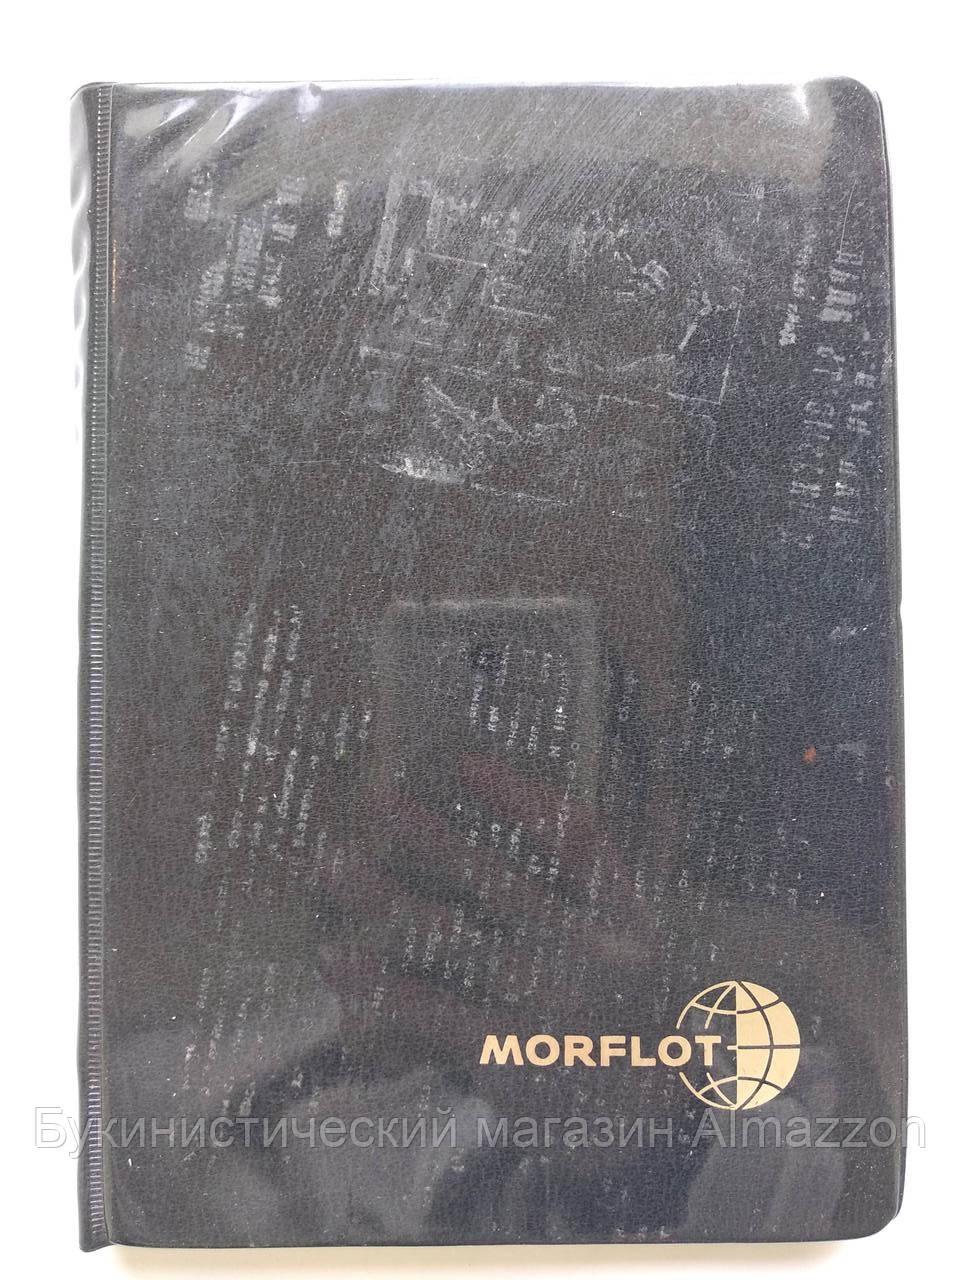 Морфлот Morflot блокнот Пароплавство Флот. Зовнішторгвидав